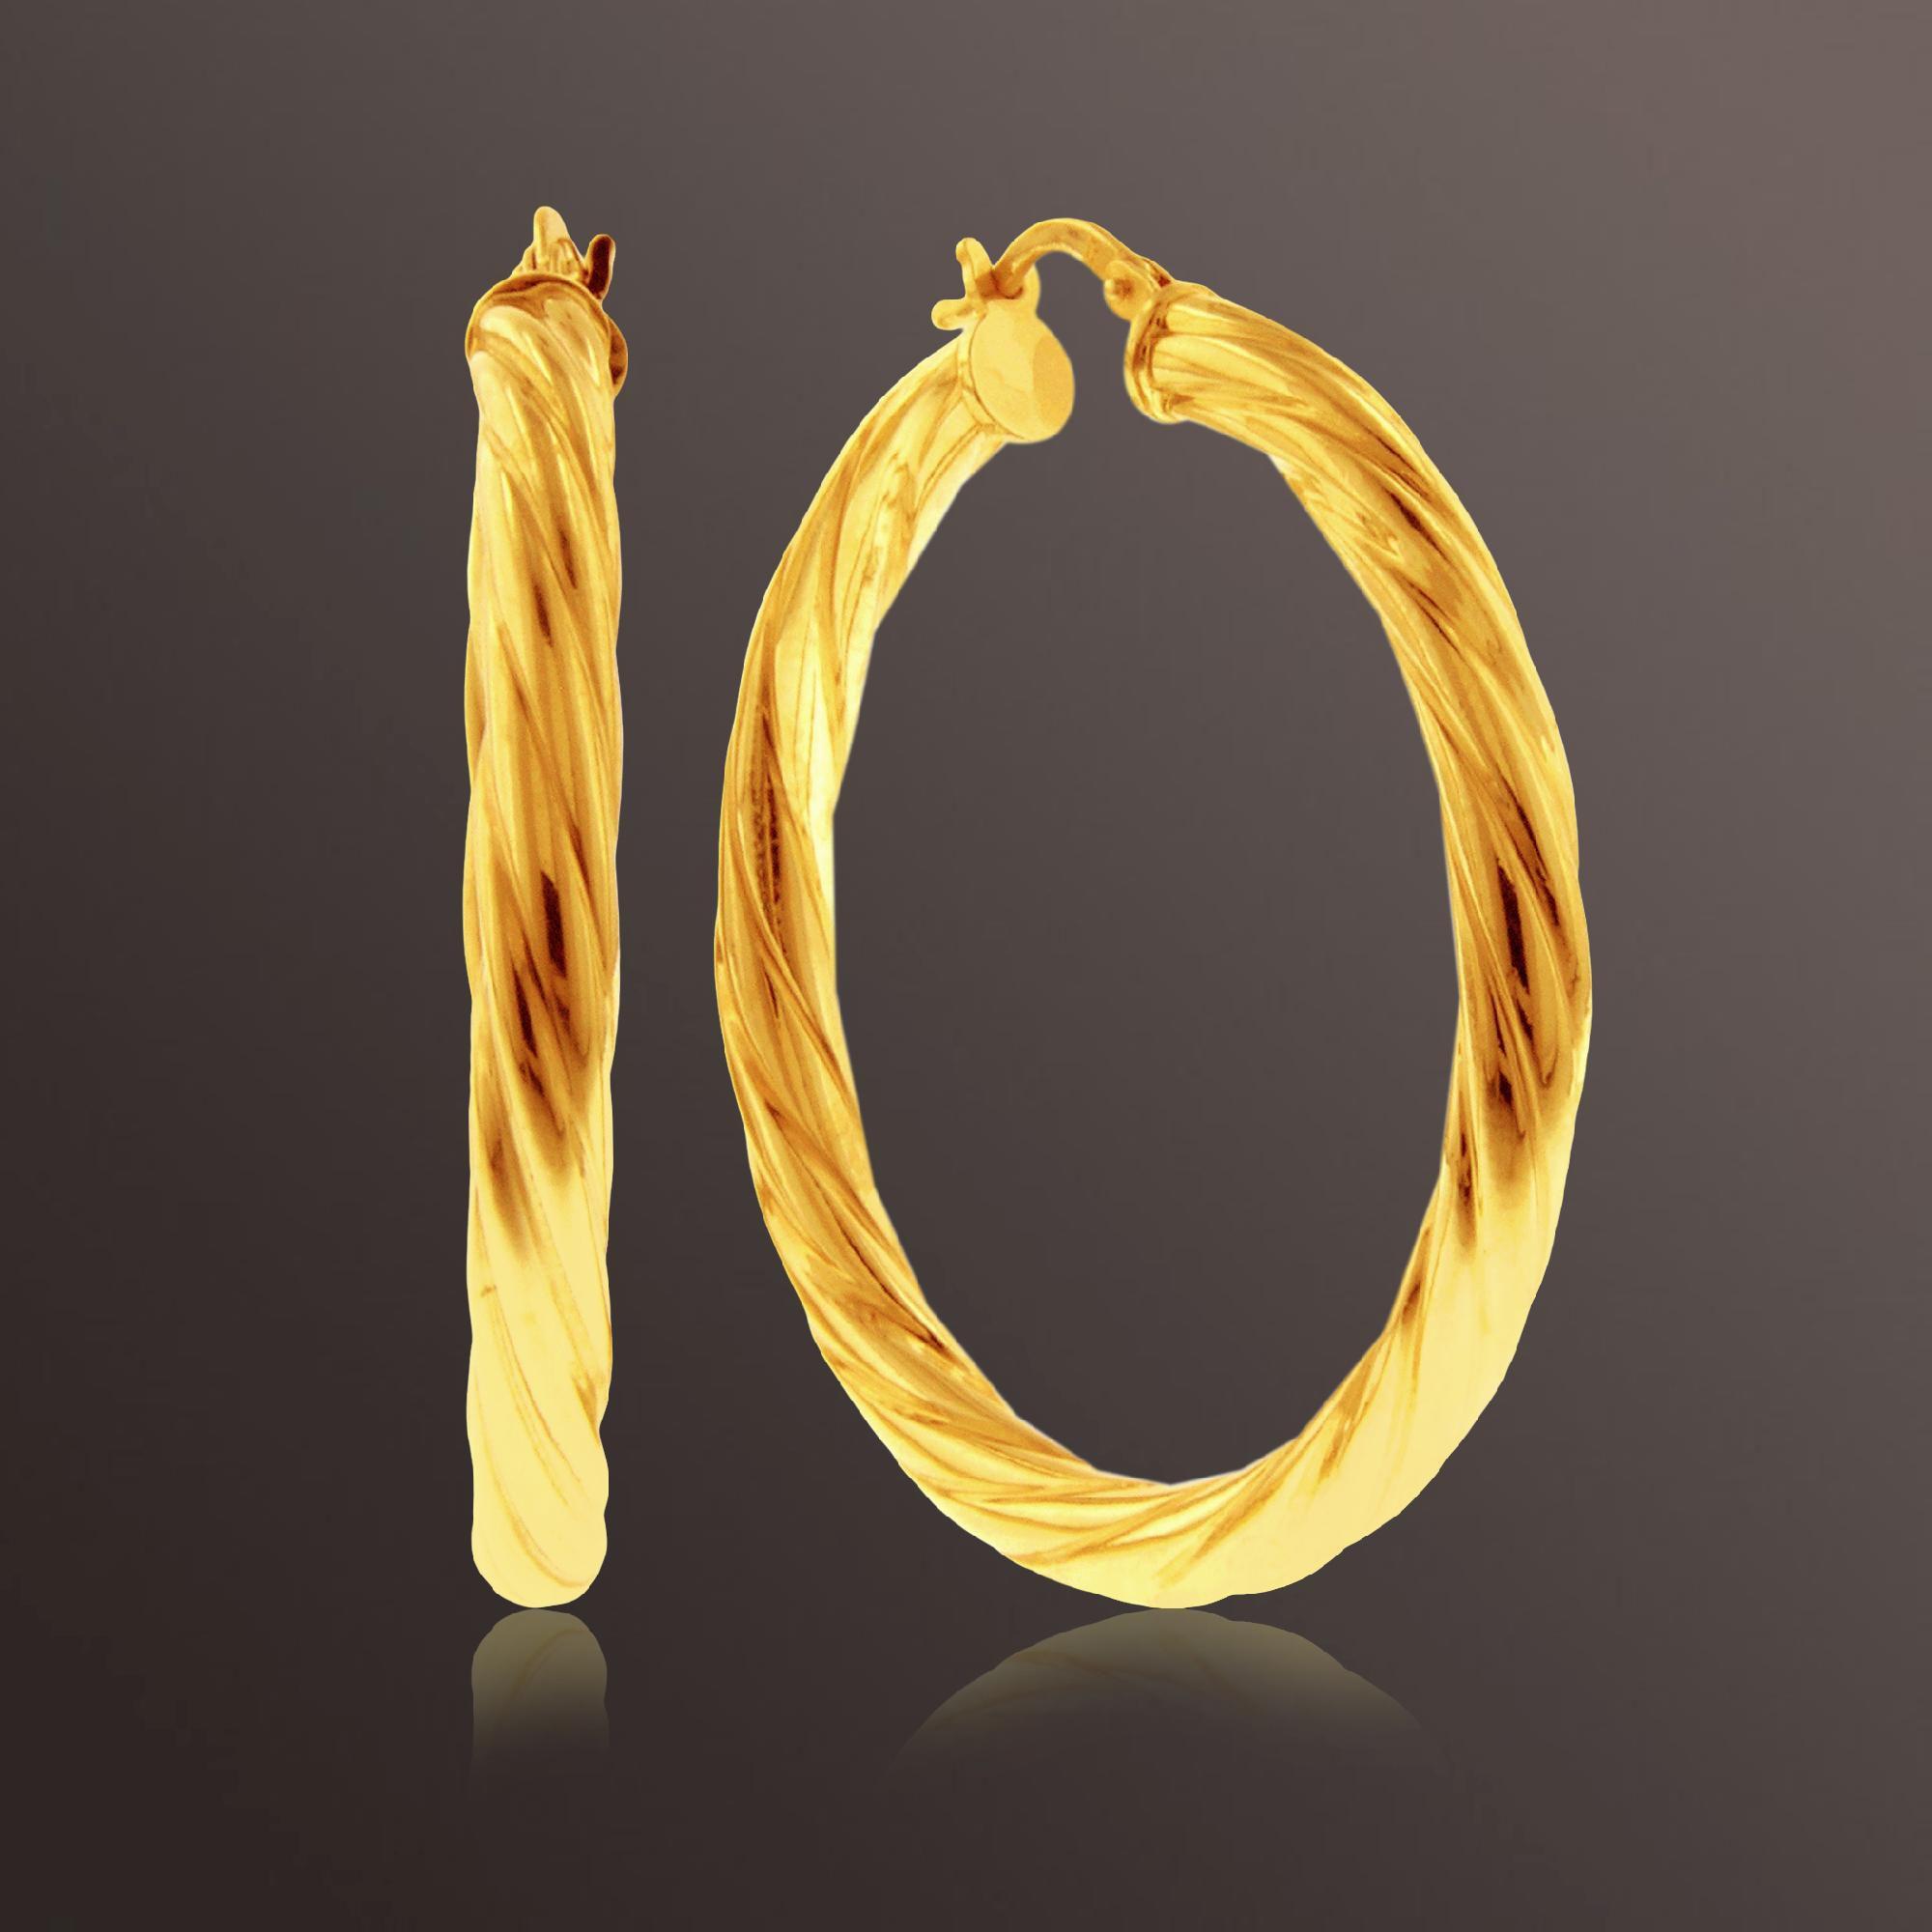 Romanza Swirl Medium Hoop Earrings set in Gold over Bronze